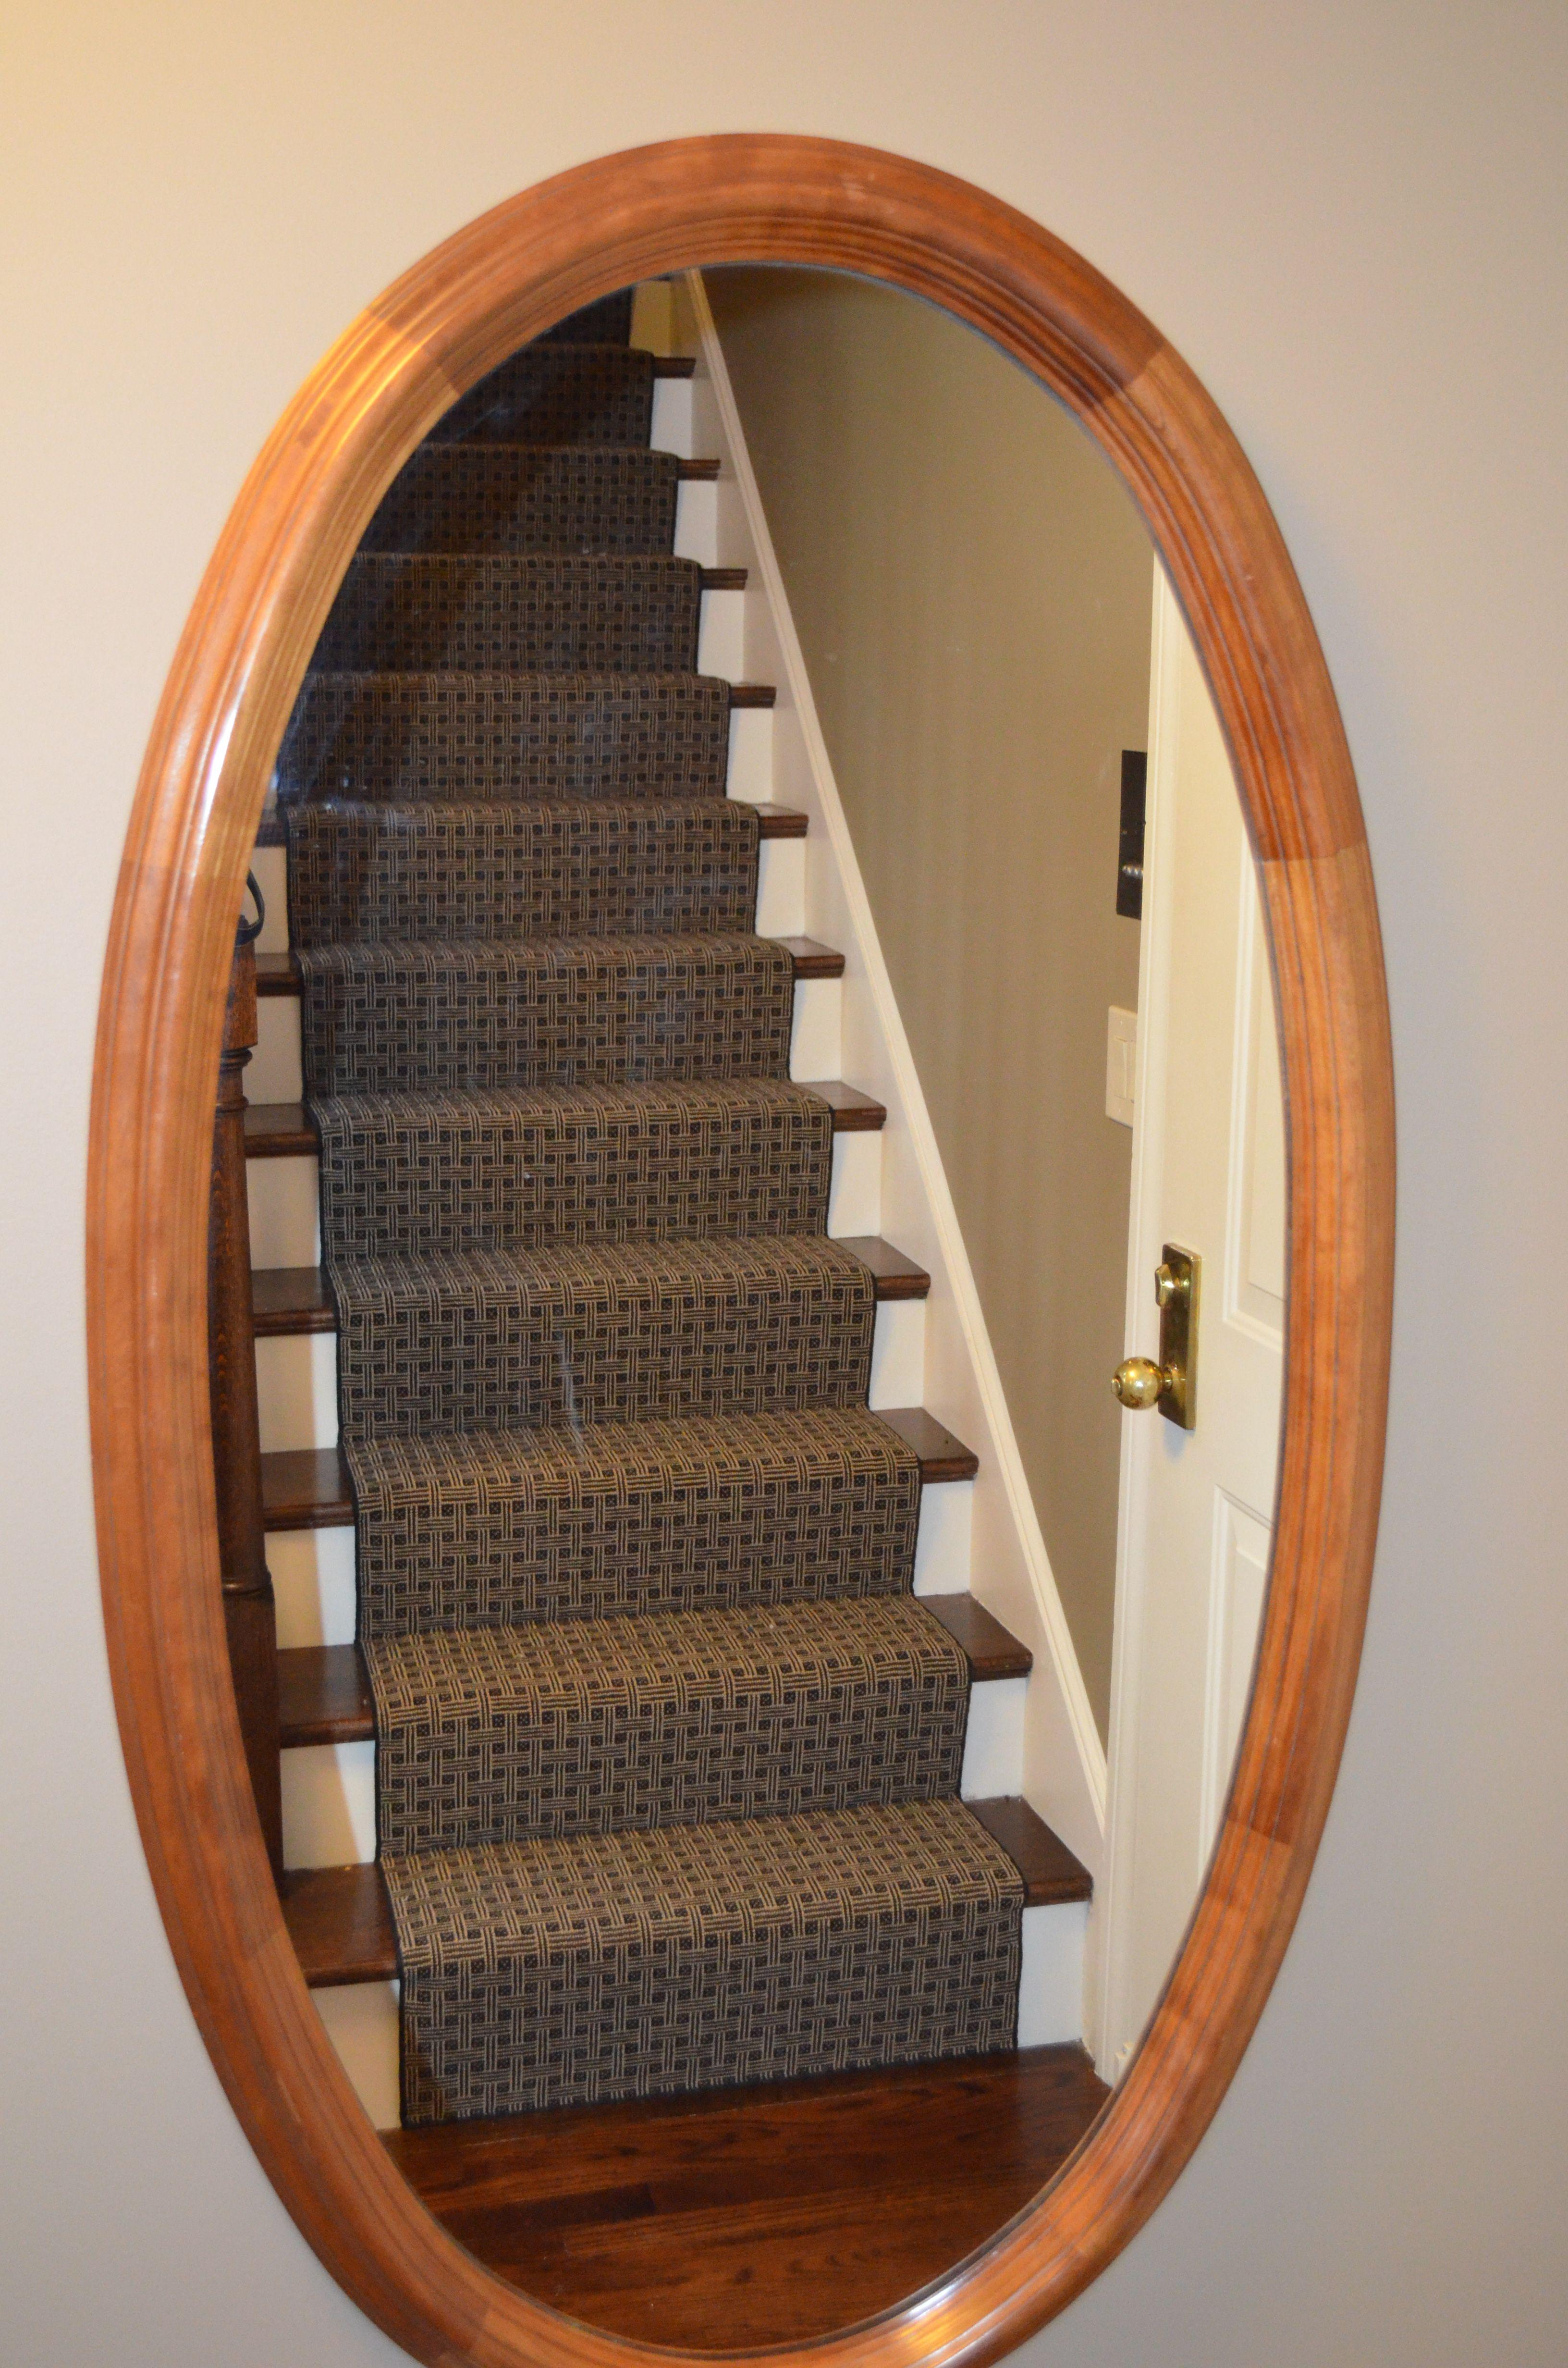 Custom Stair Runner Made From Wool Carpet Remnant In Wellesley.  Www.thecarpetworkroom.net